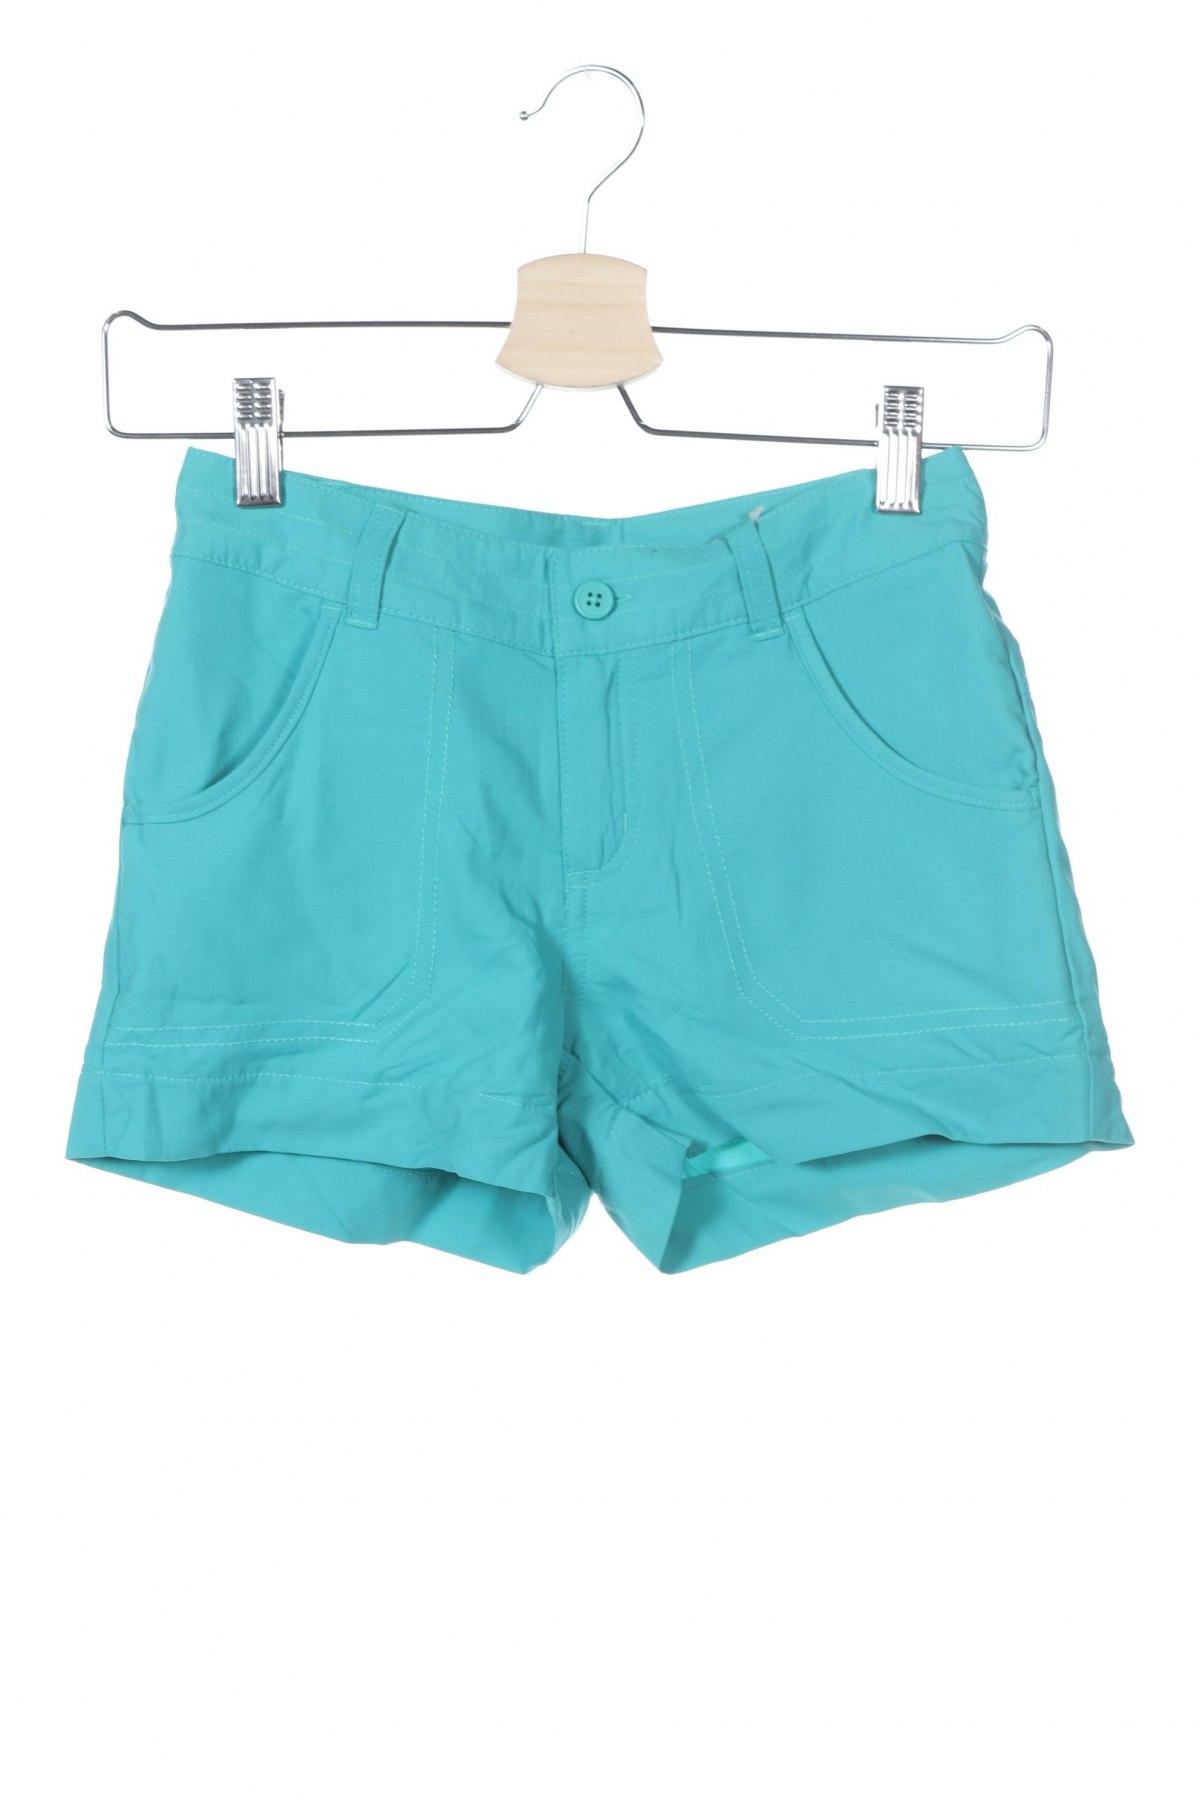 Παιδικό κοντό παντελόνι Columbia, Μέγεθος 7-8y/ 128-134 εκ., Χρώμα Μπλέ, Πολυαμίδη, Τιμή 14,60€